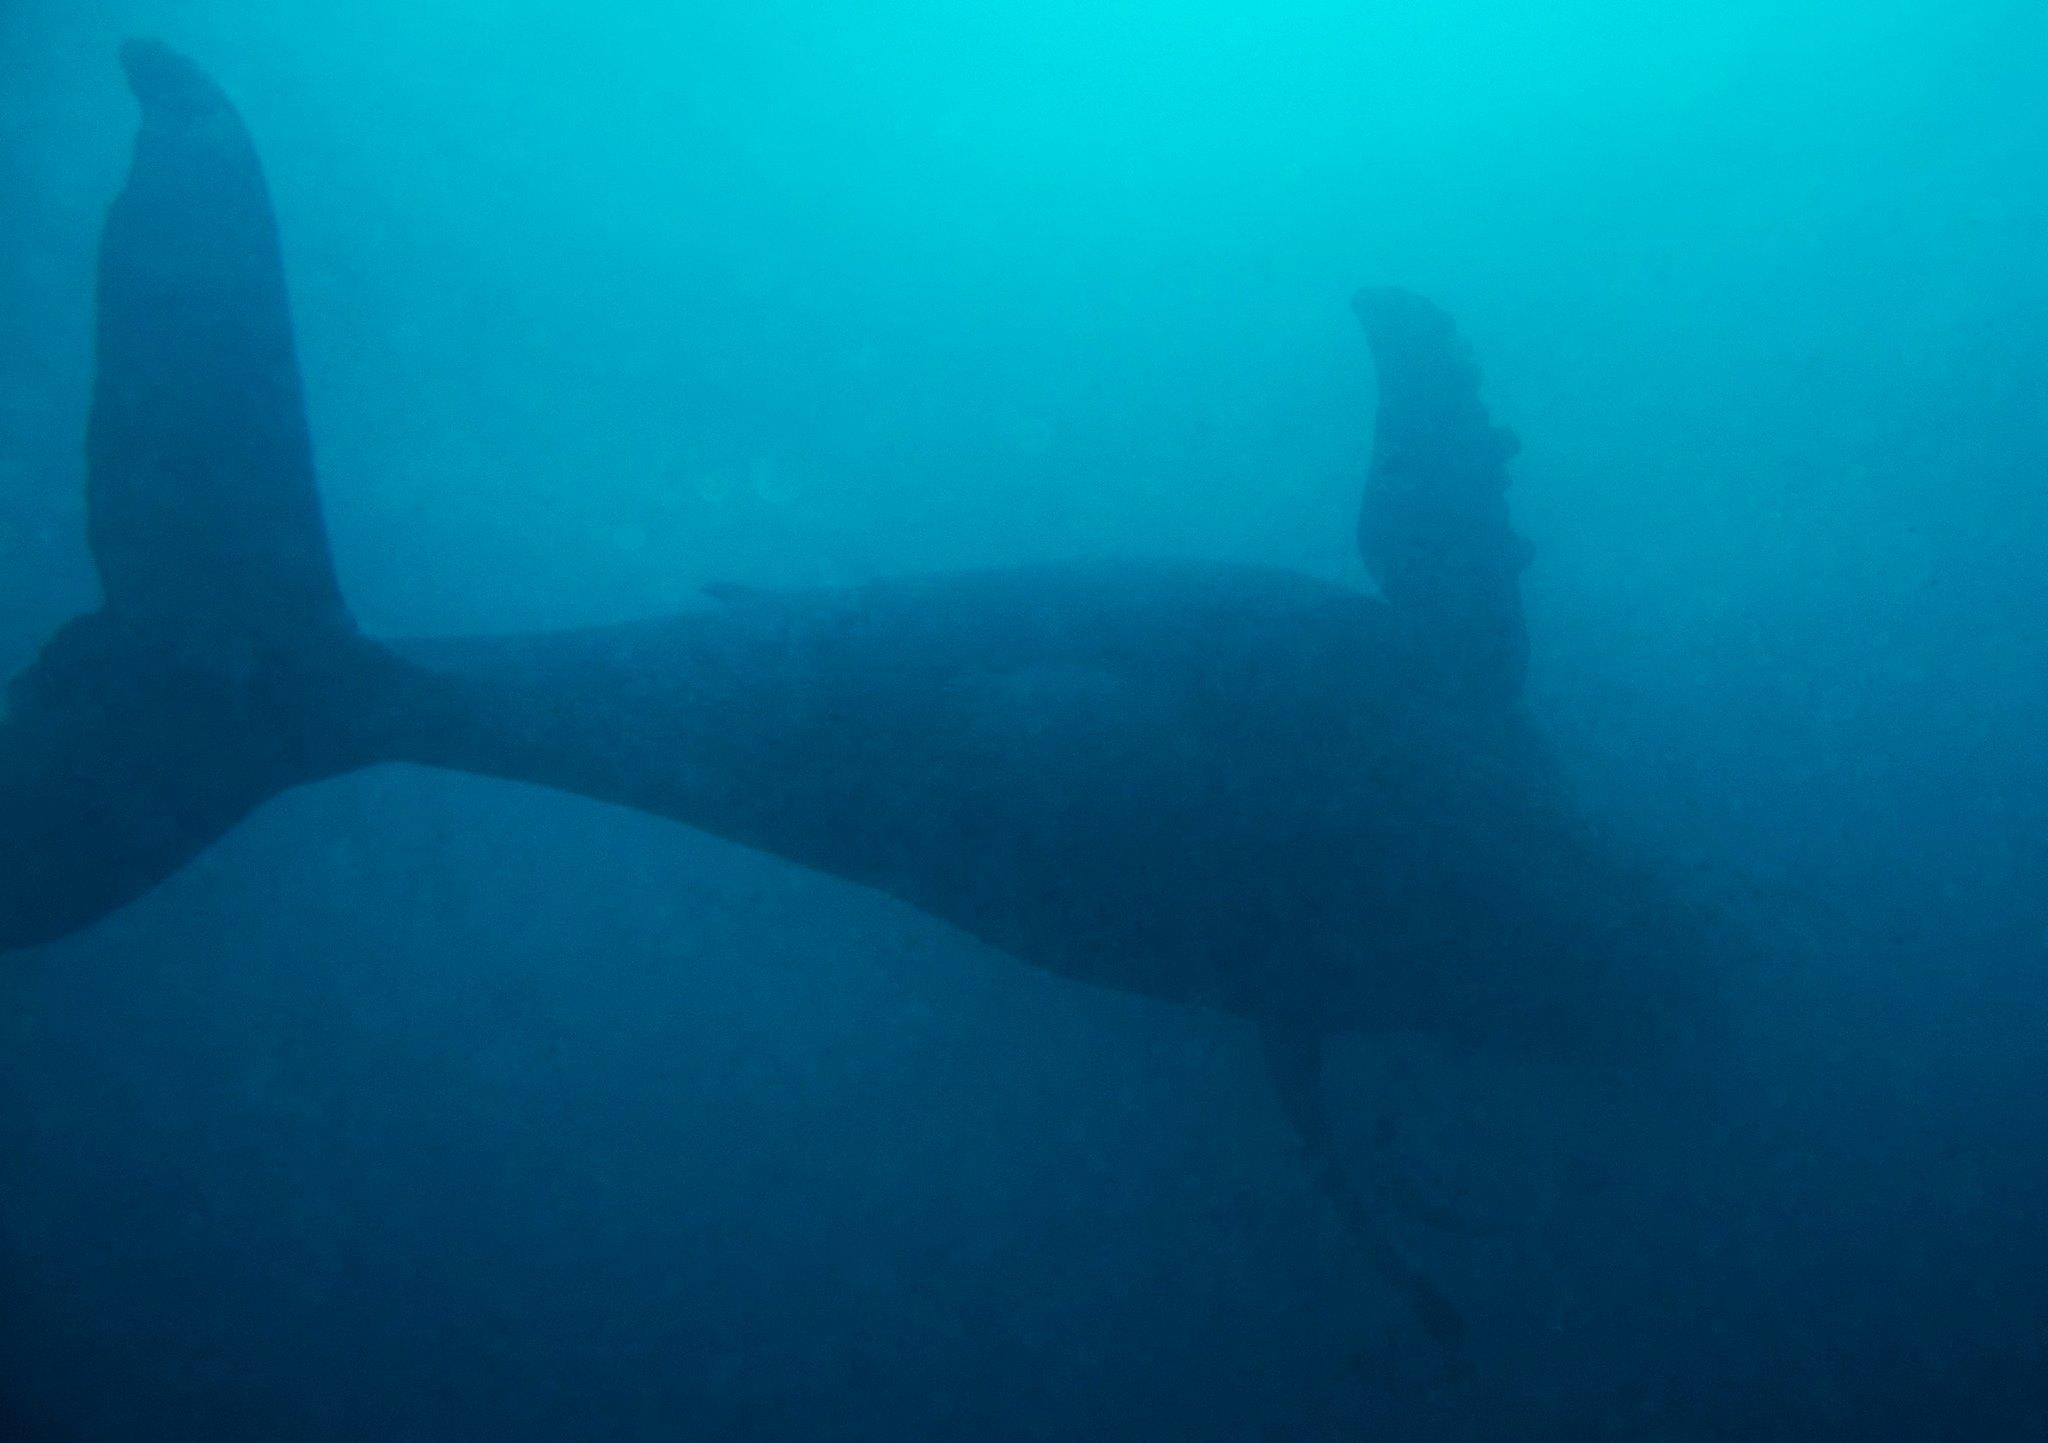 Humpback Whale - Aliwal Shoal